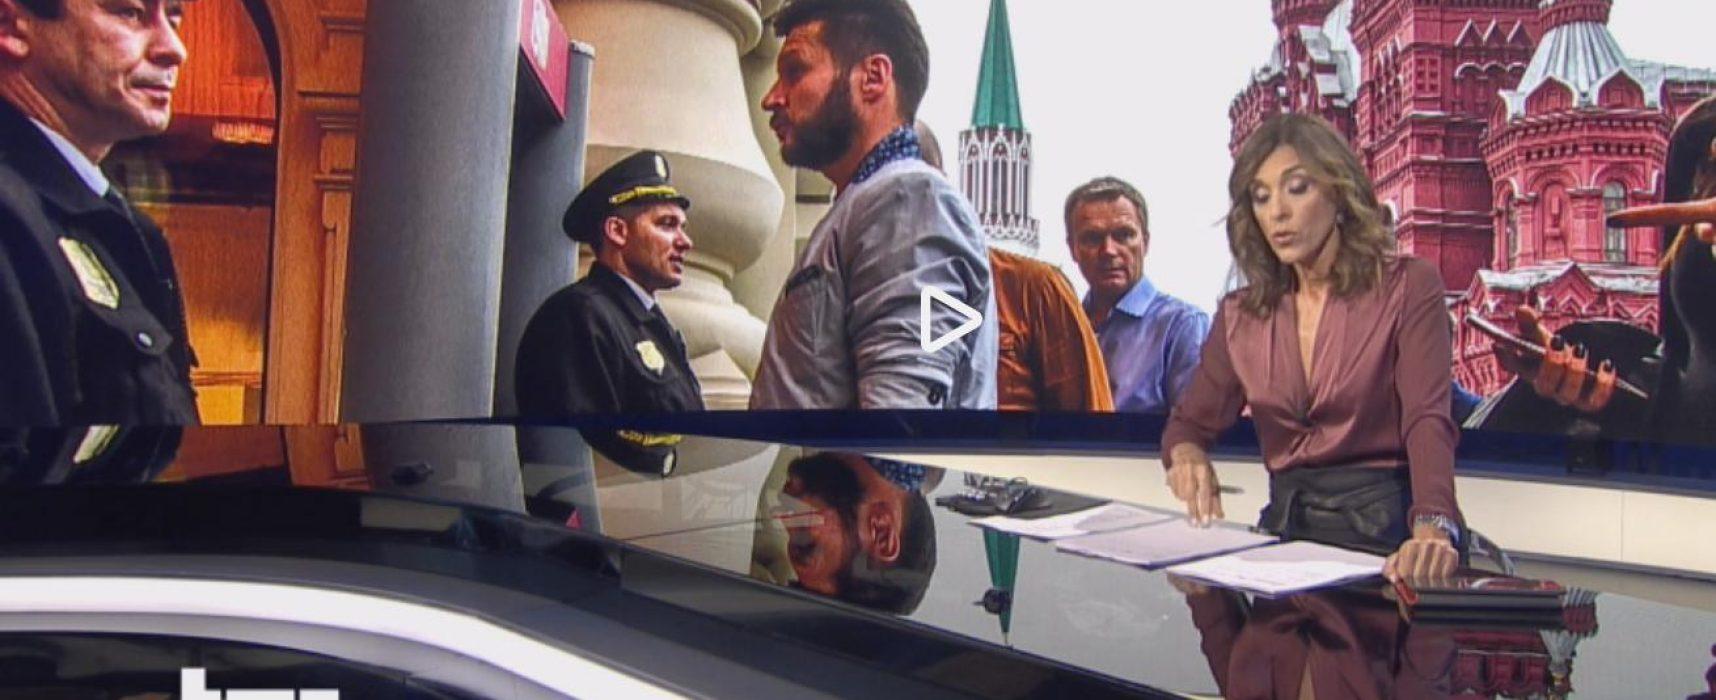 Rai 1 : Allarme terrorismo in Russia provocato dall'Ucraina